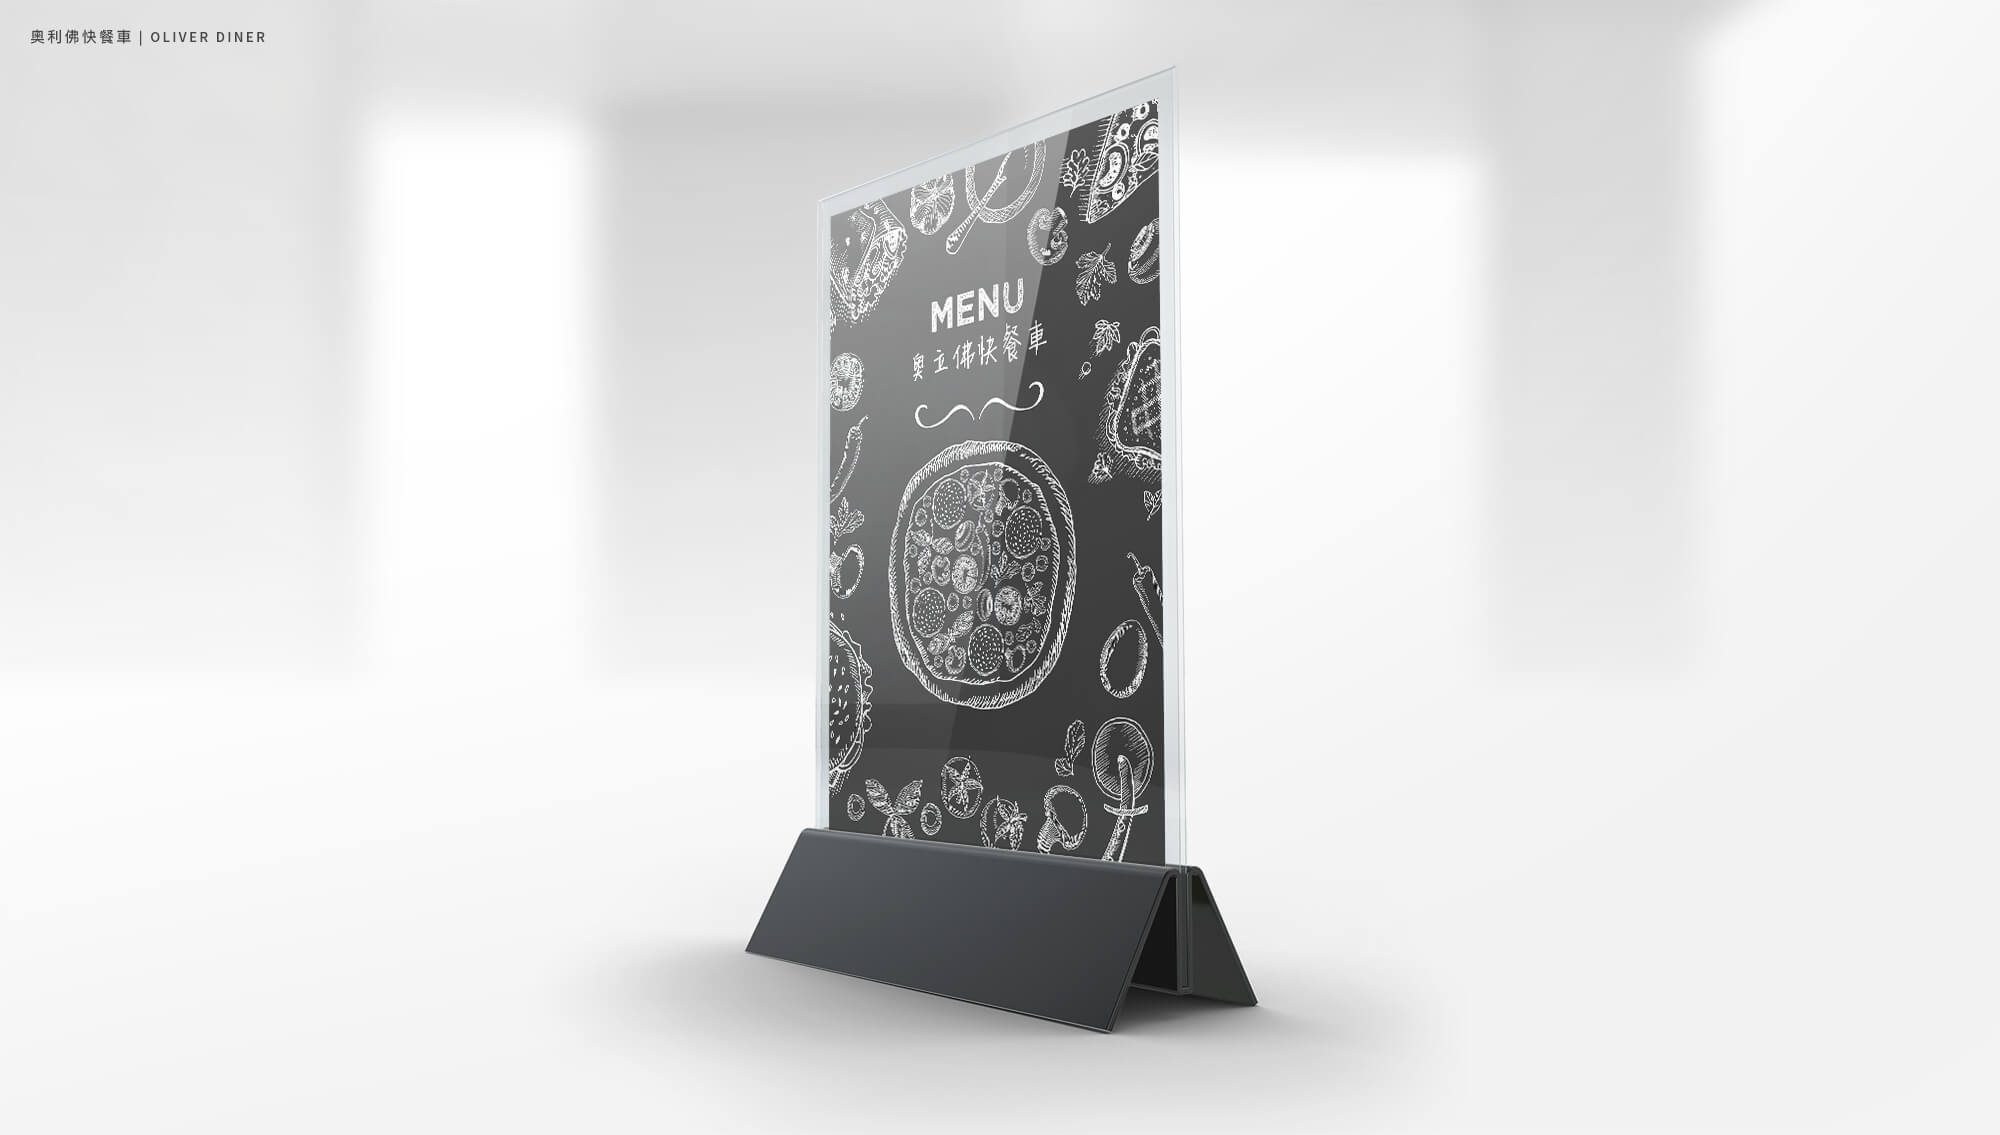 菜單設計 | 餐點拍攝 | 結合餐飲品牌logo與餐廳風格,傑克大俠幫您打造最具品牌特色的菜單設計